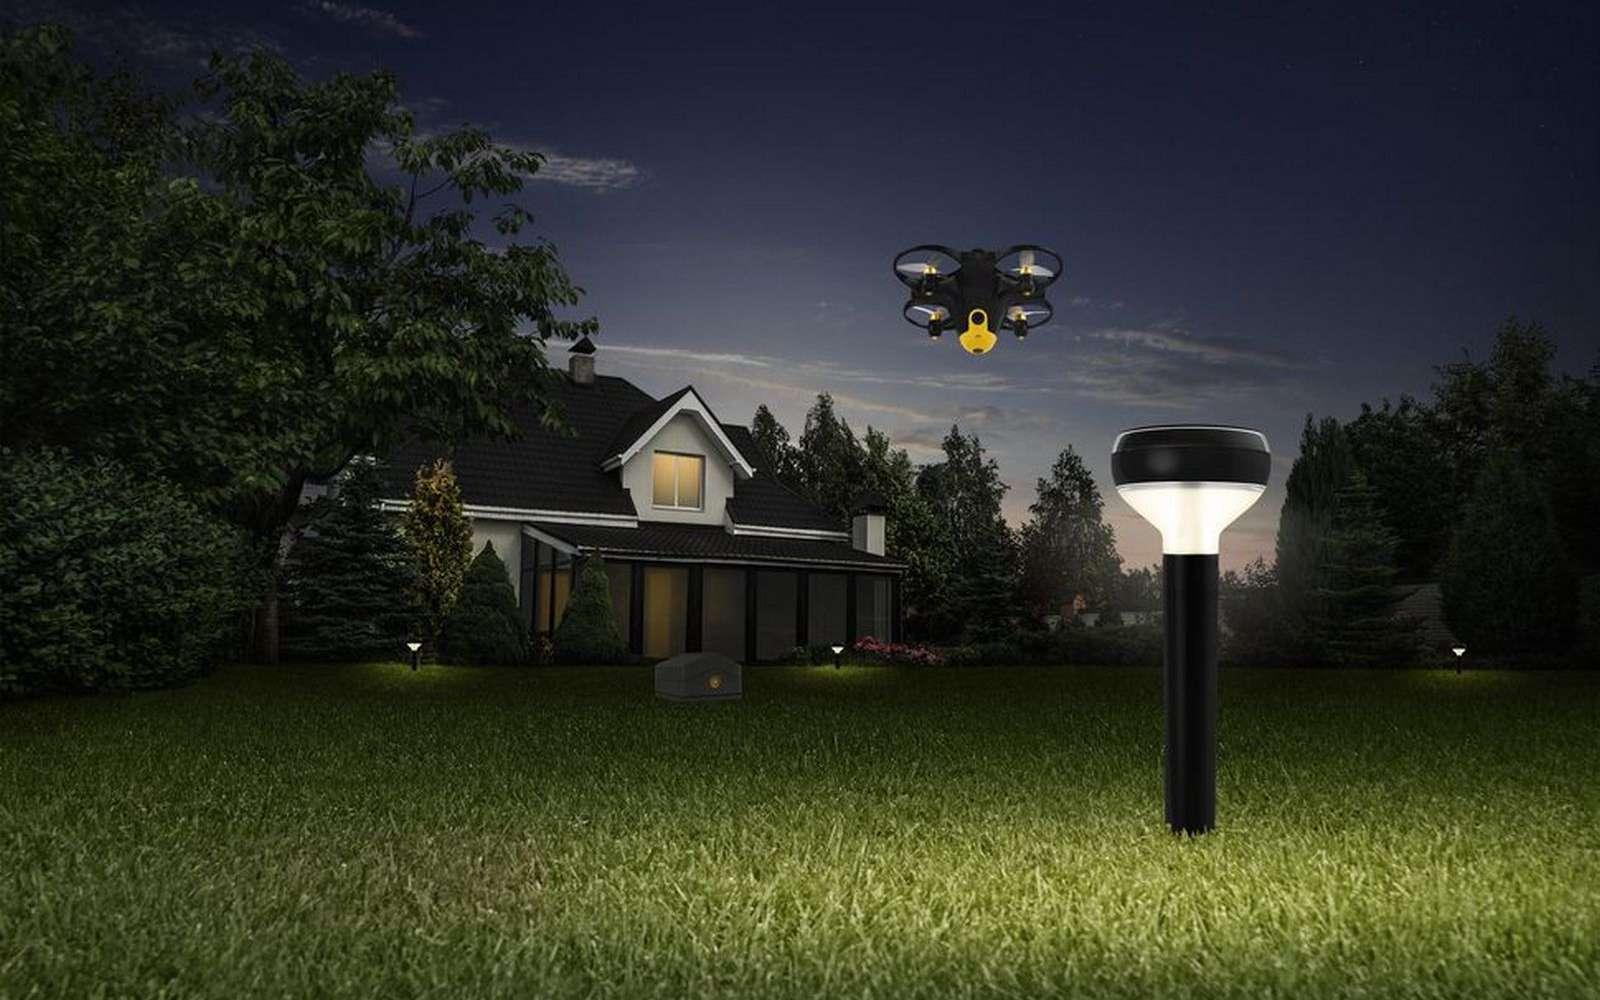 Le système de surveillance par drone de Sunflower Labs. © Sunflower Labs